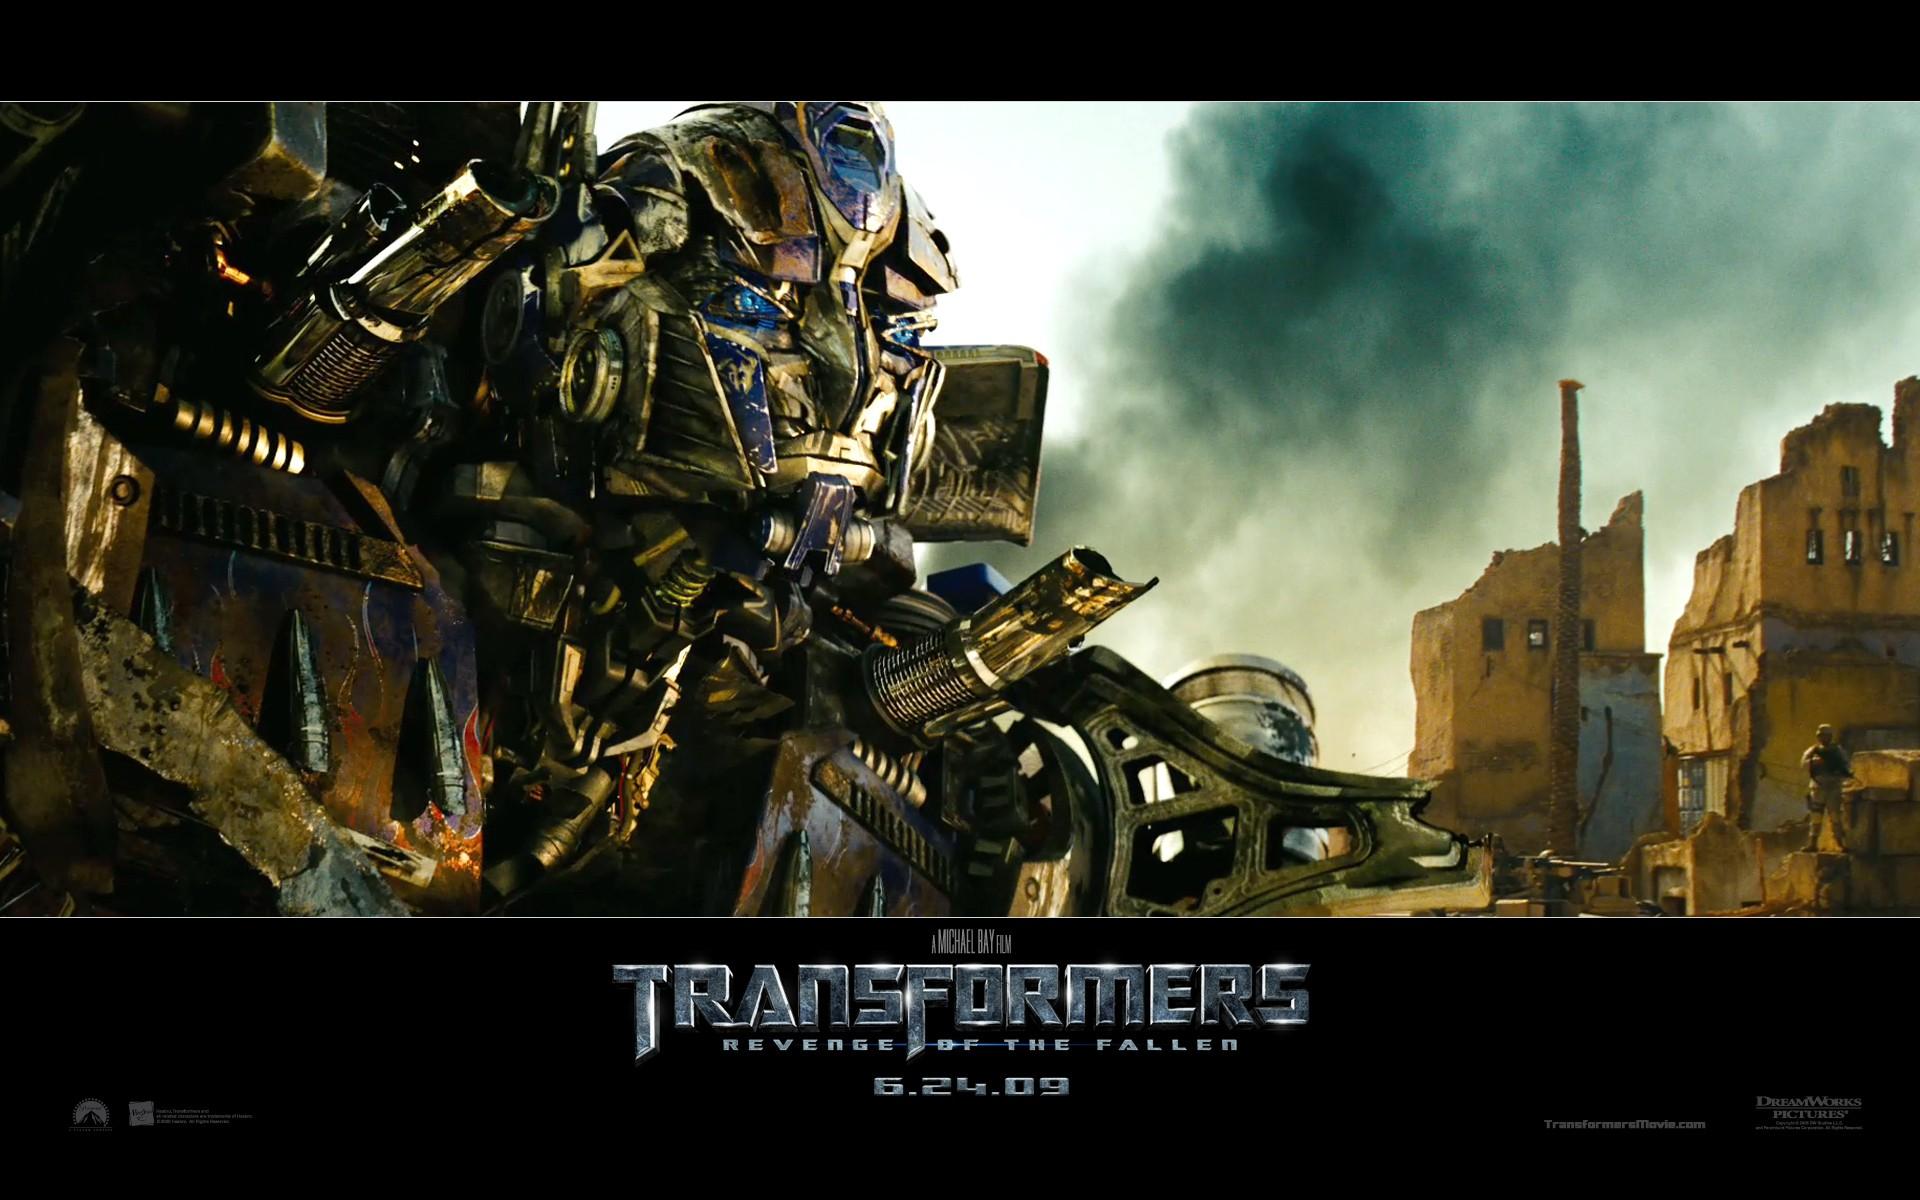 Un wallpaper dell'autobot ottenuto dalla fusione di Optimus Prime con Jetfire, nel film Transformers - La vendetta del caduto